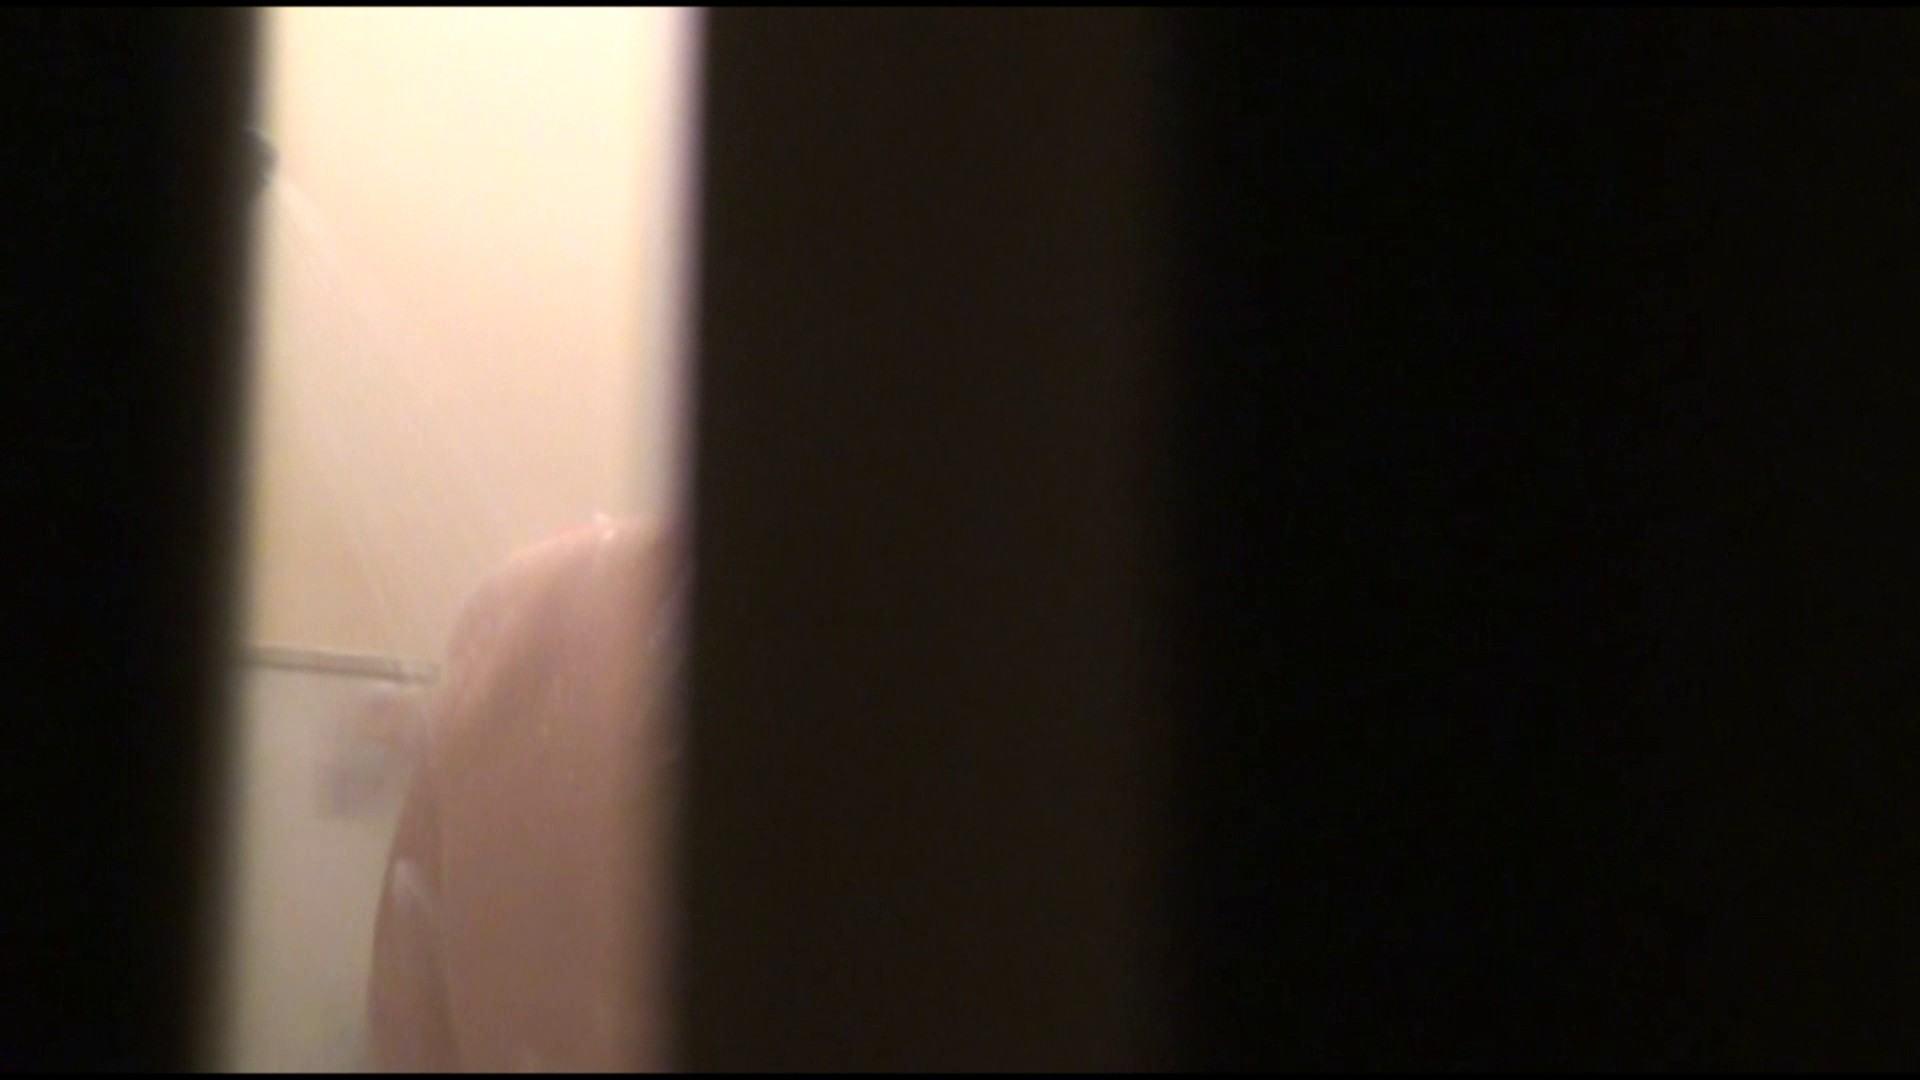 vol.08最高のパイラインを流れるシャワーの水が極上嬢をさらに引き立てます! 美人編 えろ無修正画像 78画像 30